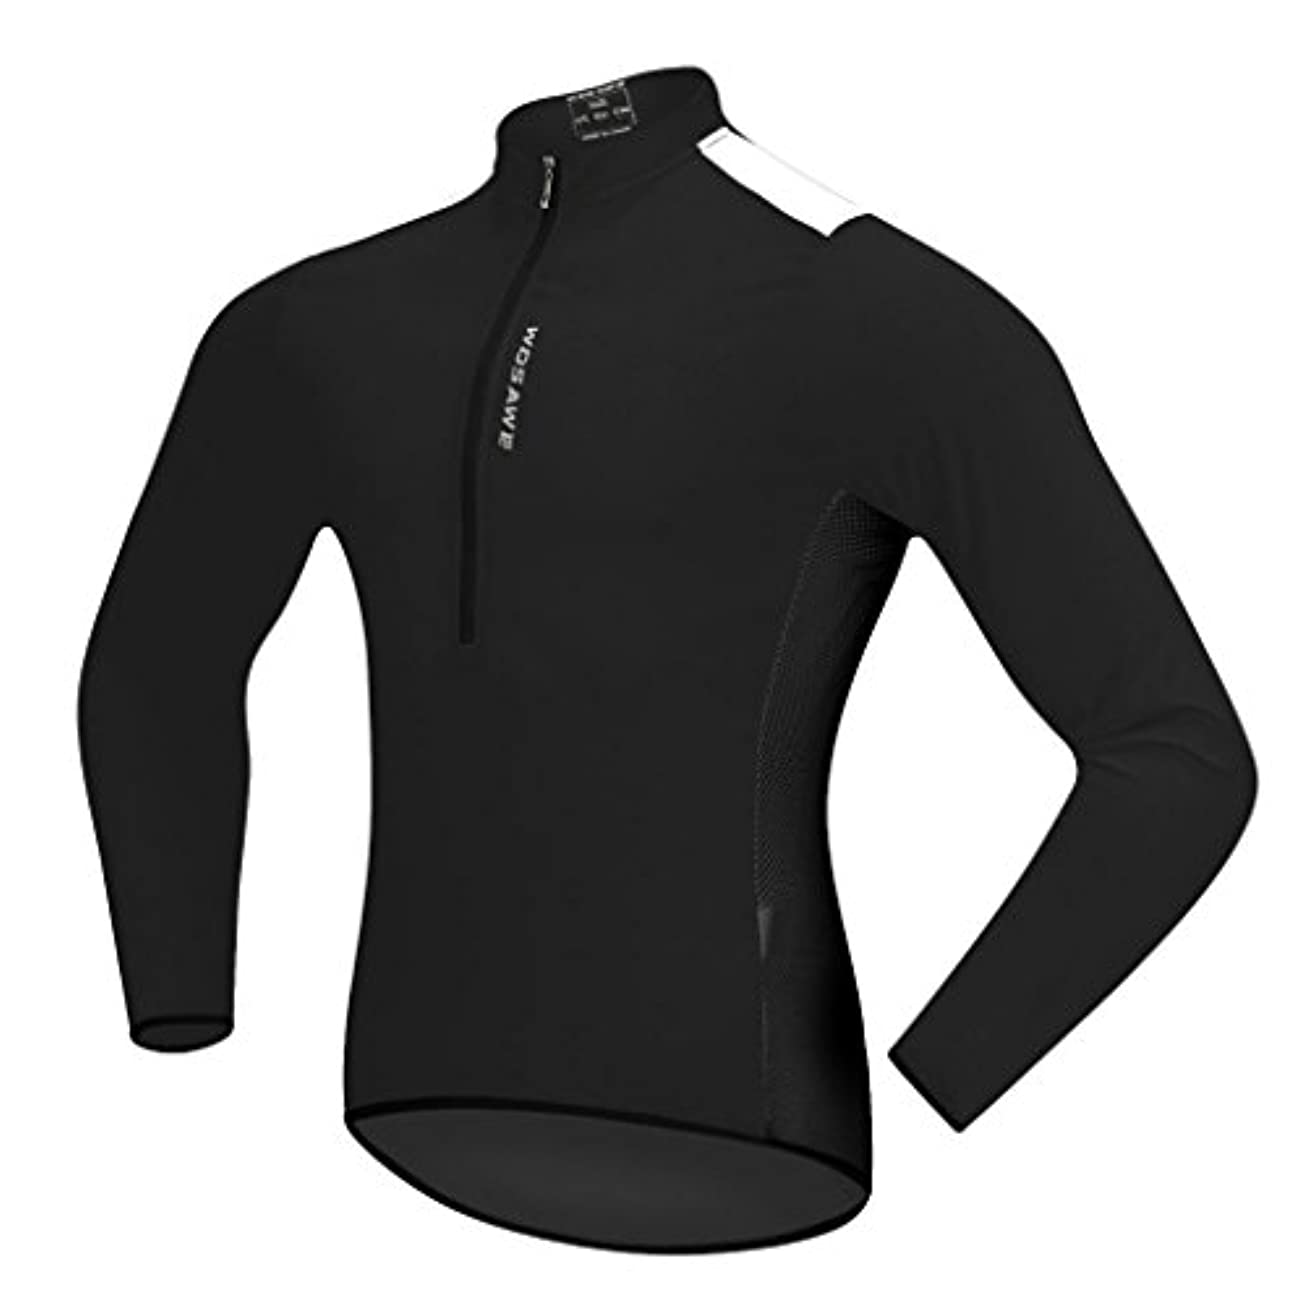 適用済みサークル乙女Perfeclan 軽量 高弾性 吸汗速乾 サイクリング ジャージー ロングスリーブ バイク 自転車シャツ サイクリング衣類 トップ 全5サイズ4色